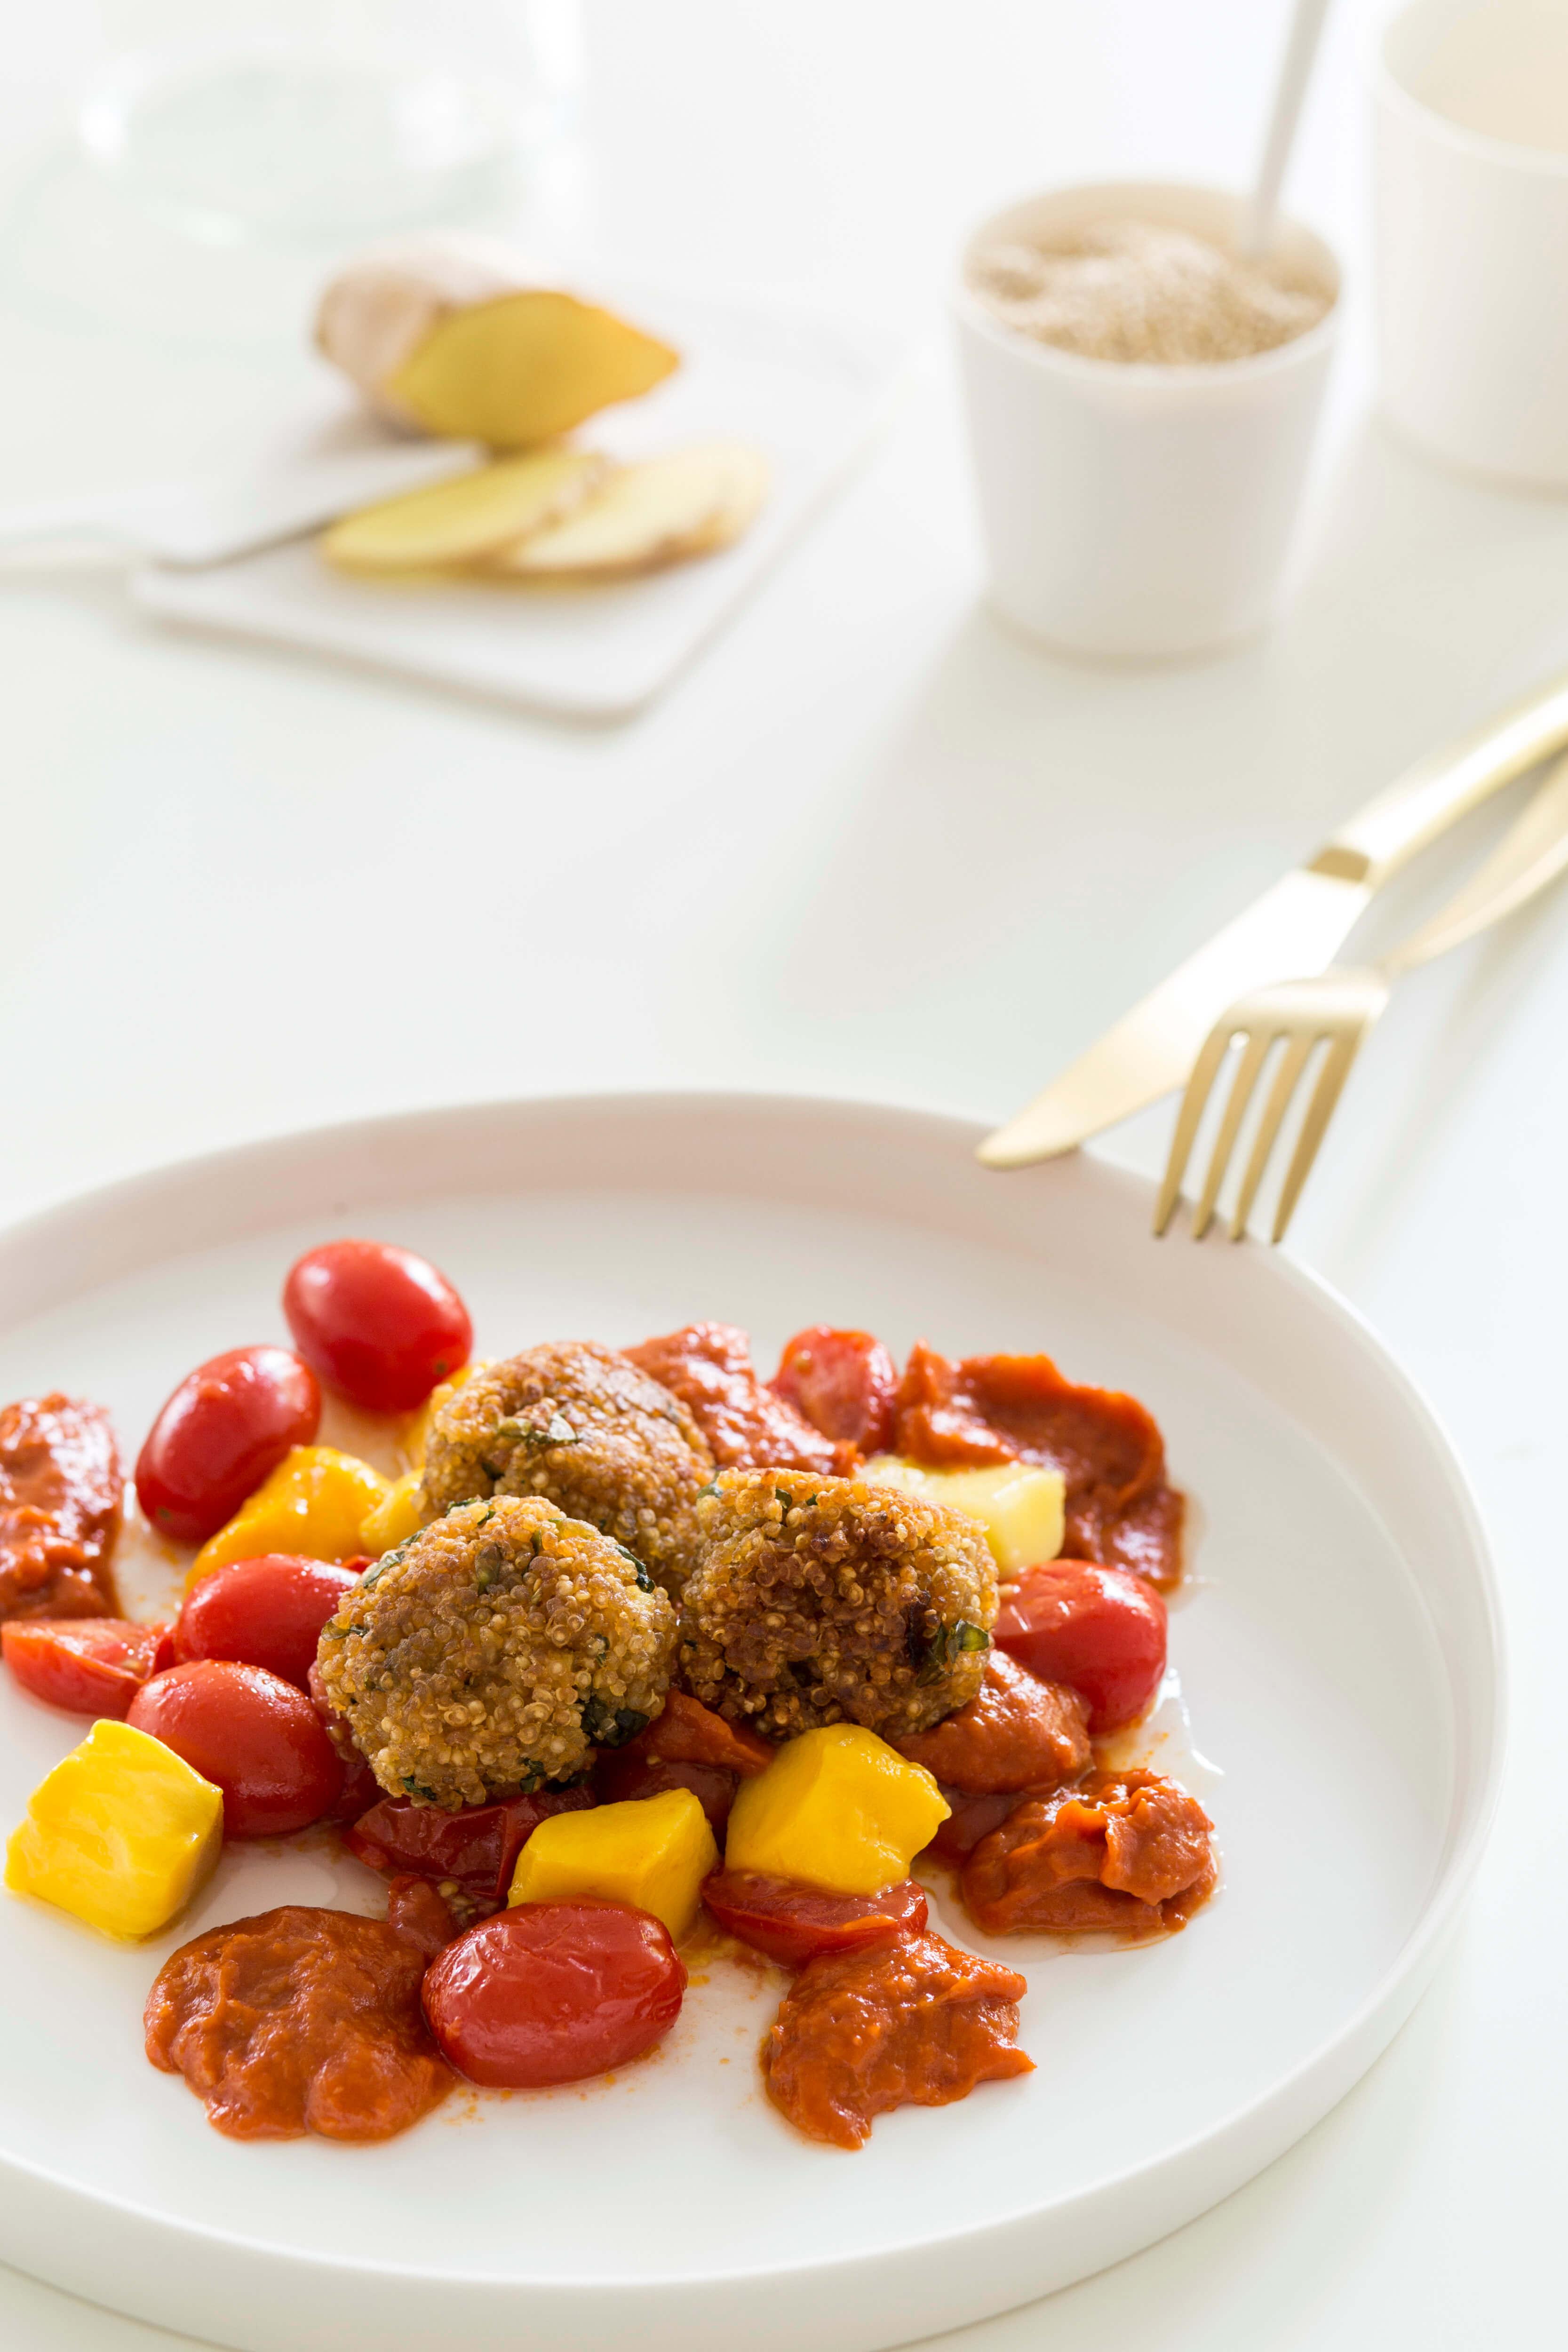 vegane ern hrung stillzeit wochenbett quinoa balls gesund mutter. Black Bedroom Furniture Sets. Home Design Ideas